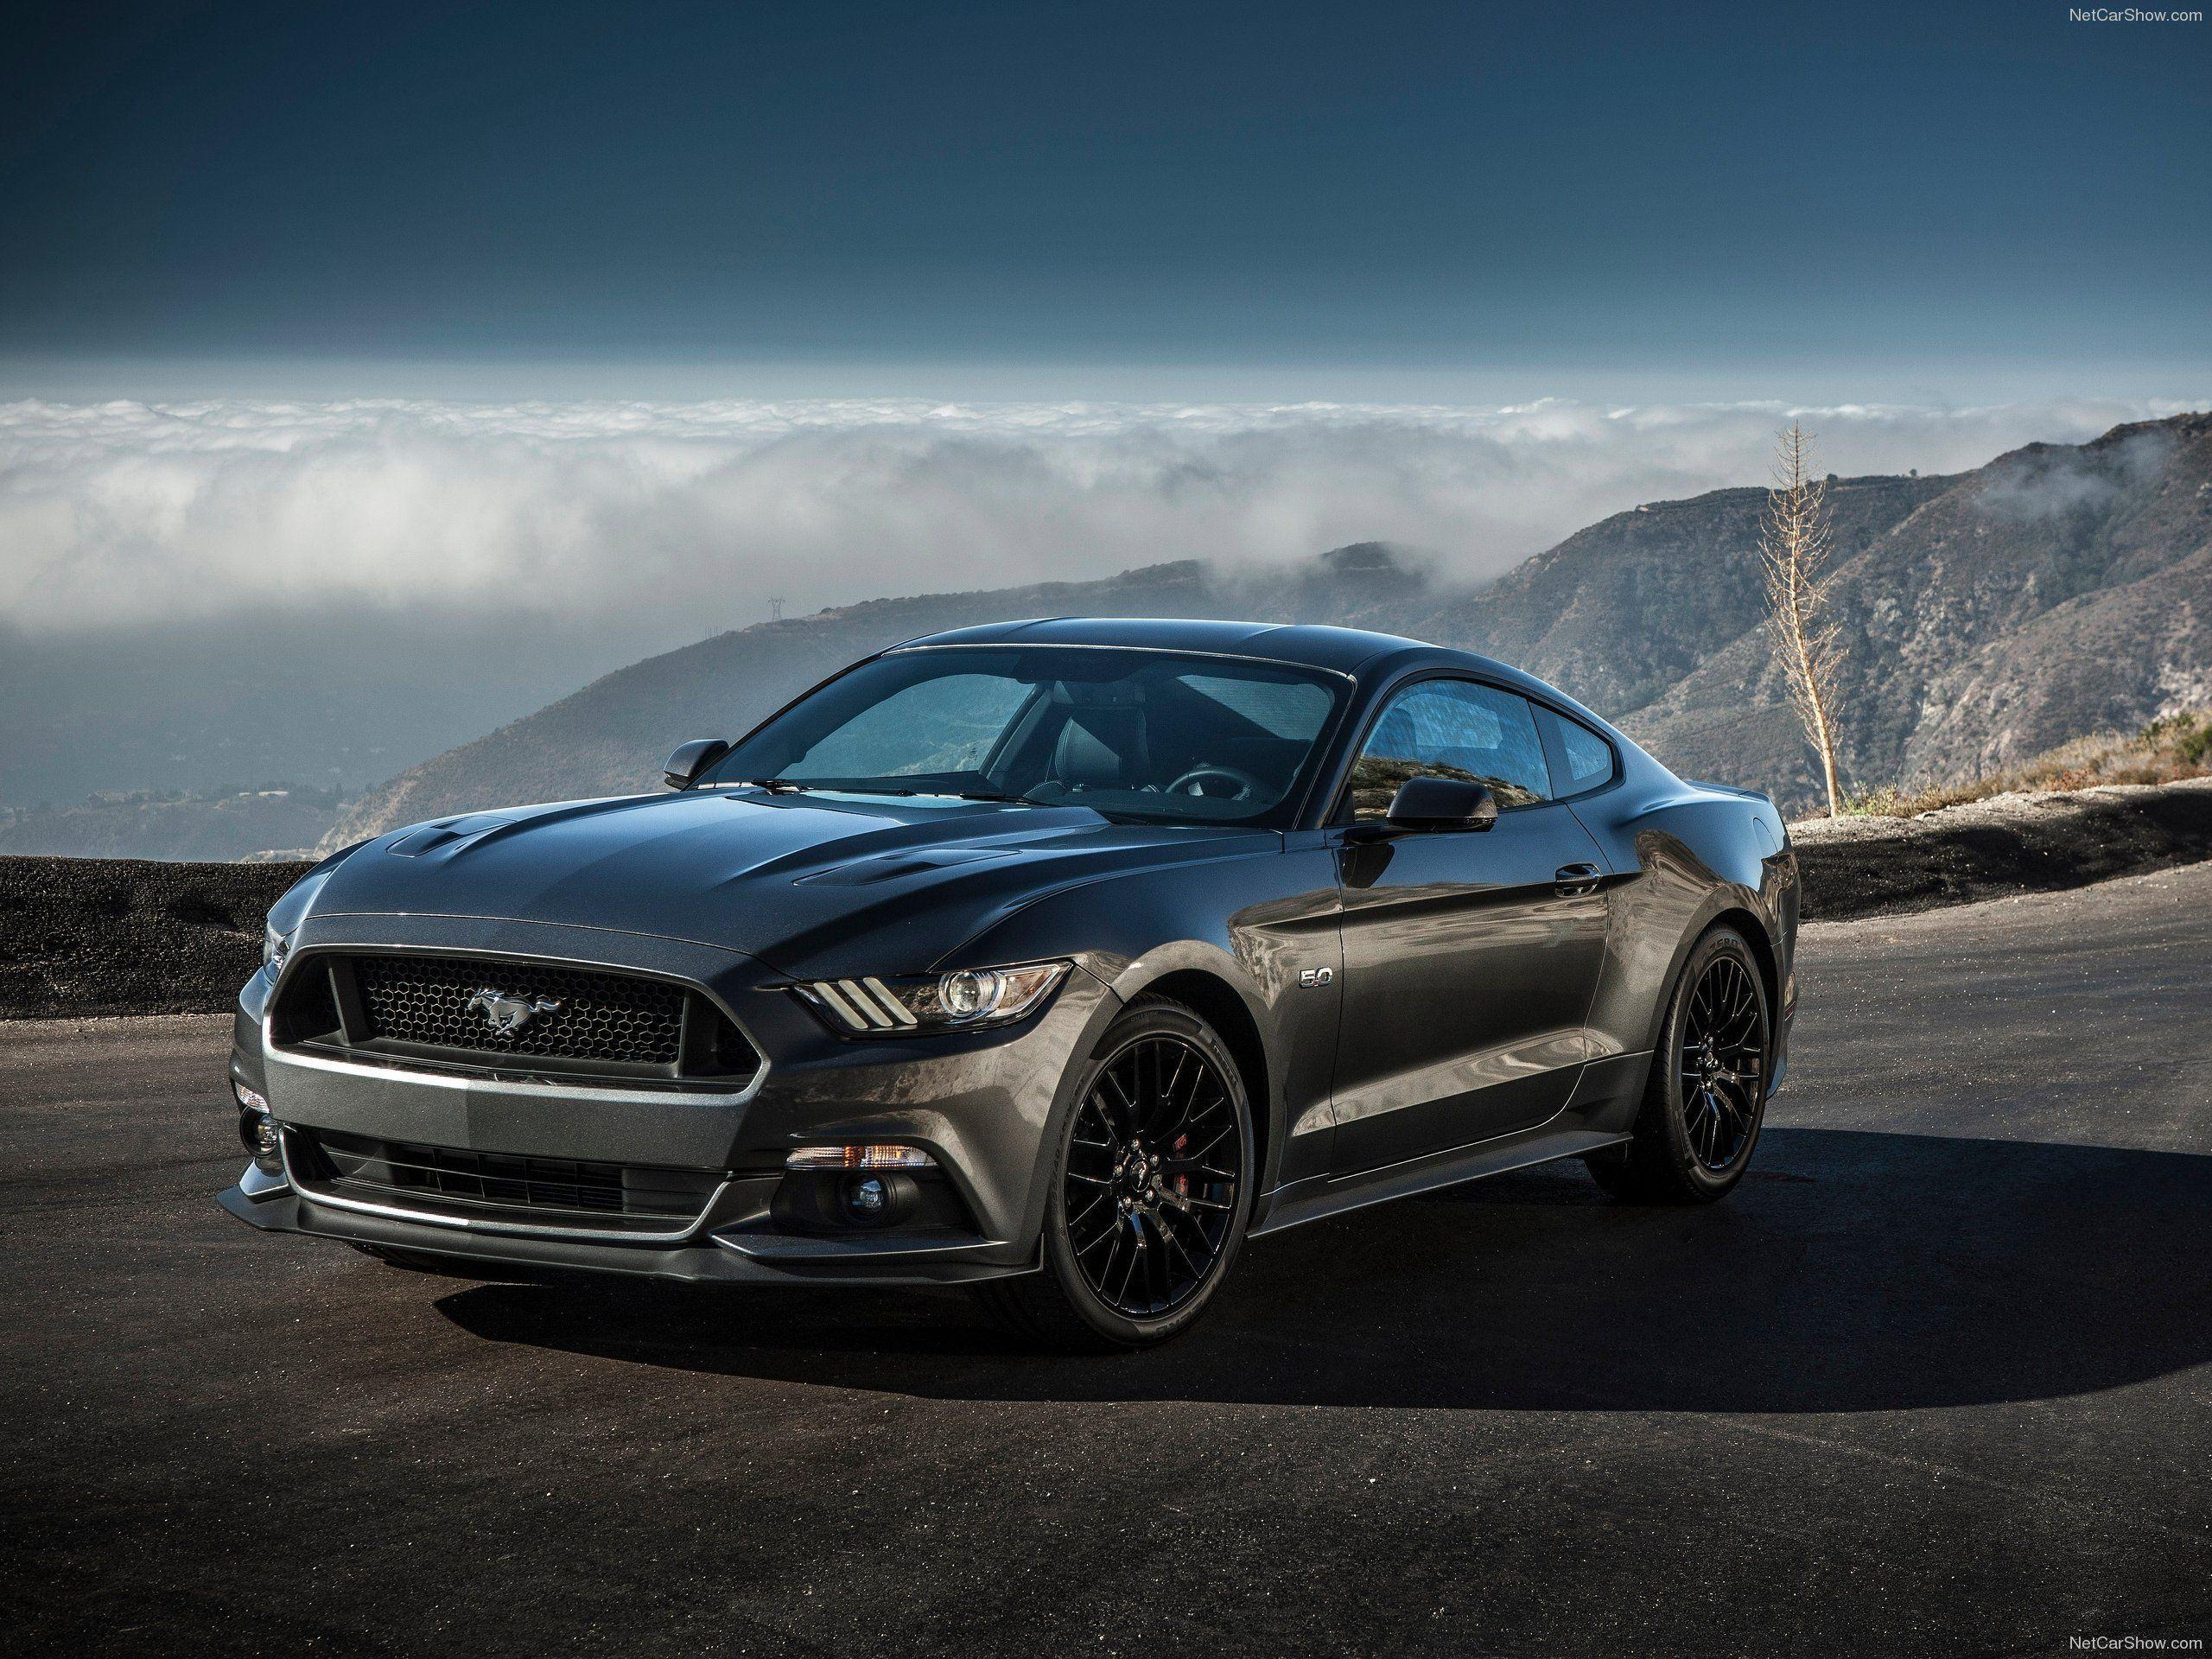 2015 Mustang Gt Wallpapers 2560x1920